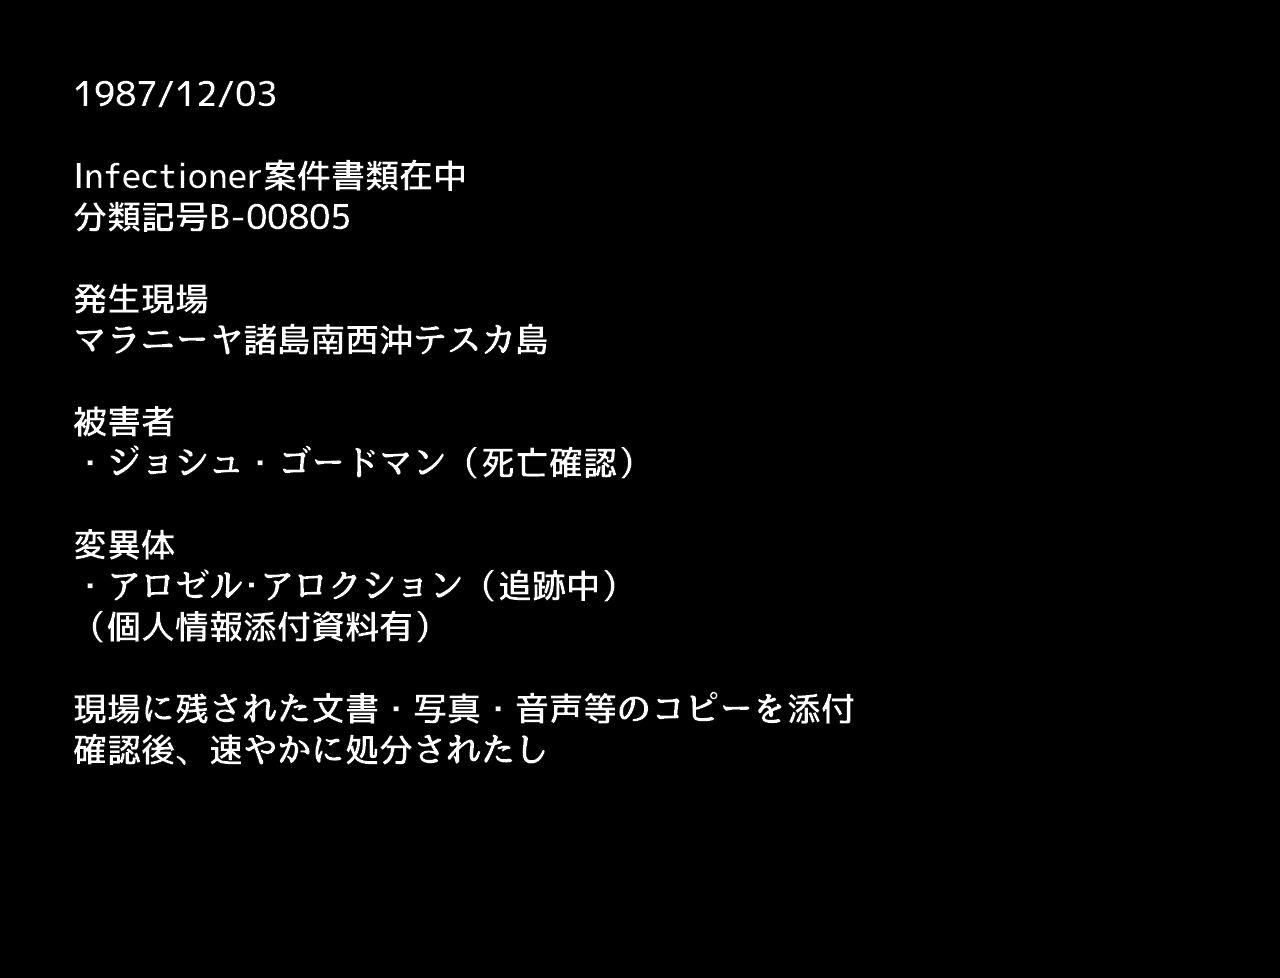 【バイオハザード 同人】Infectioner・インフェクショナー